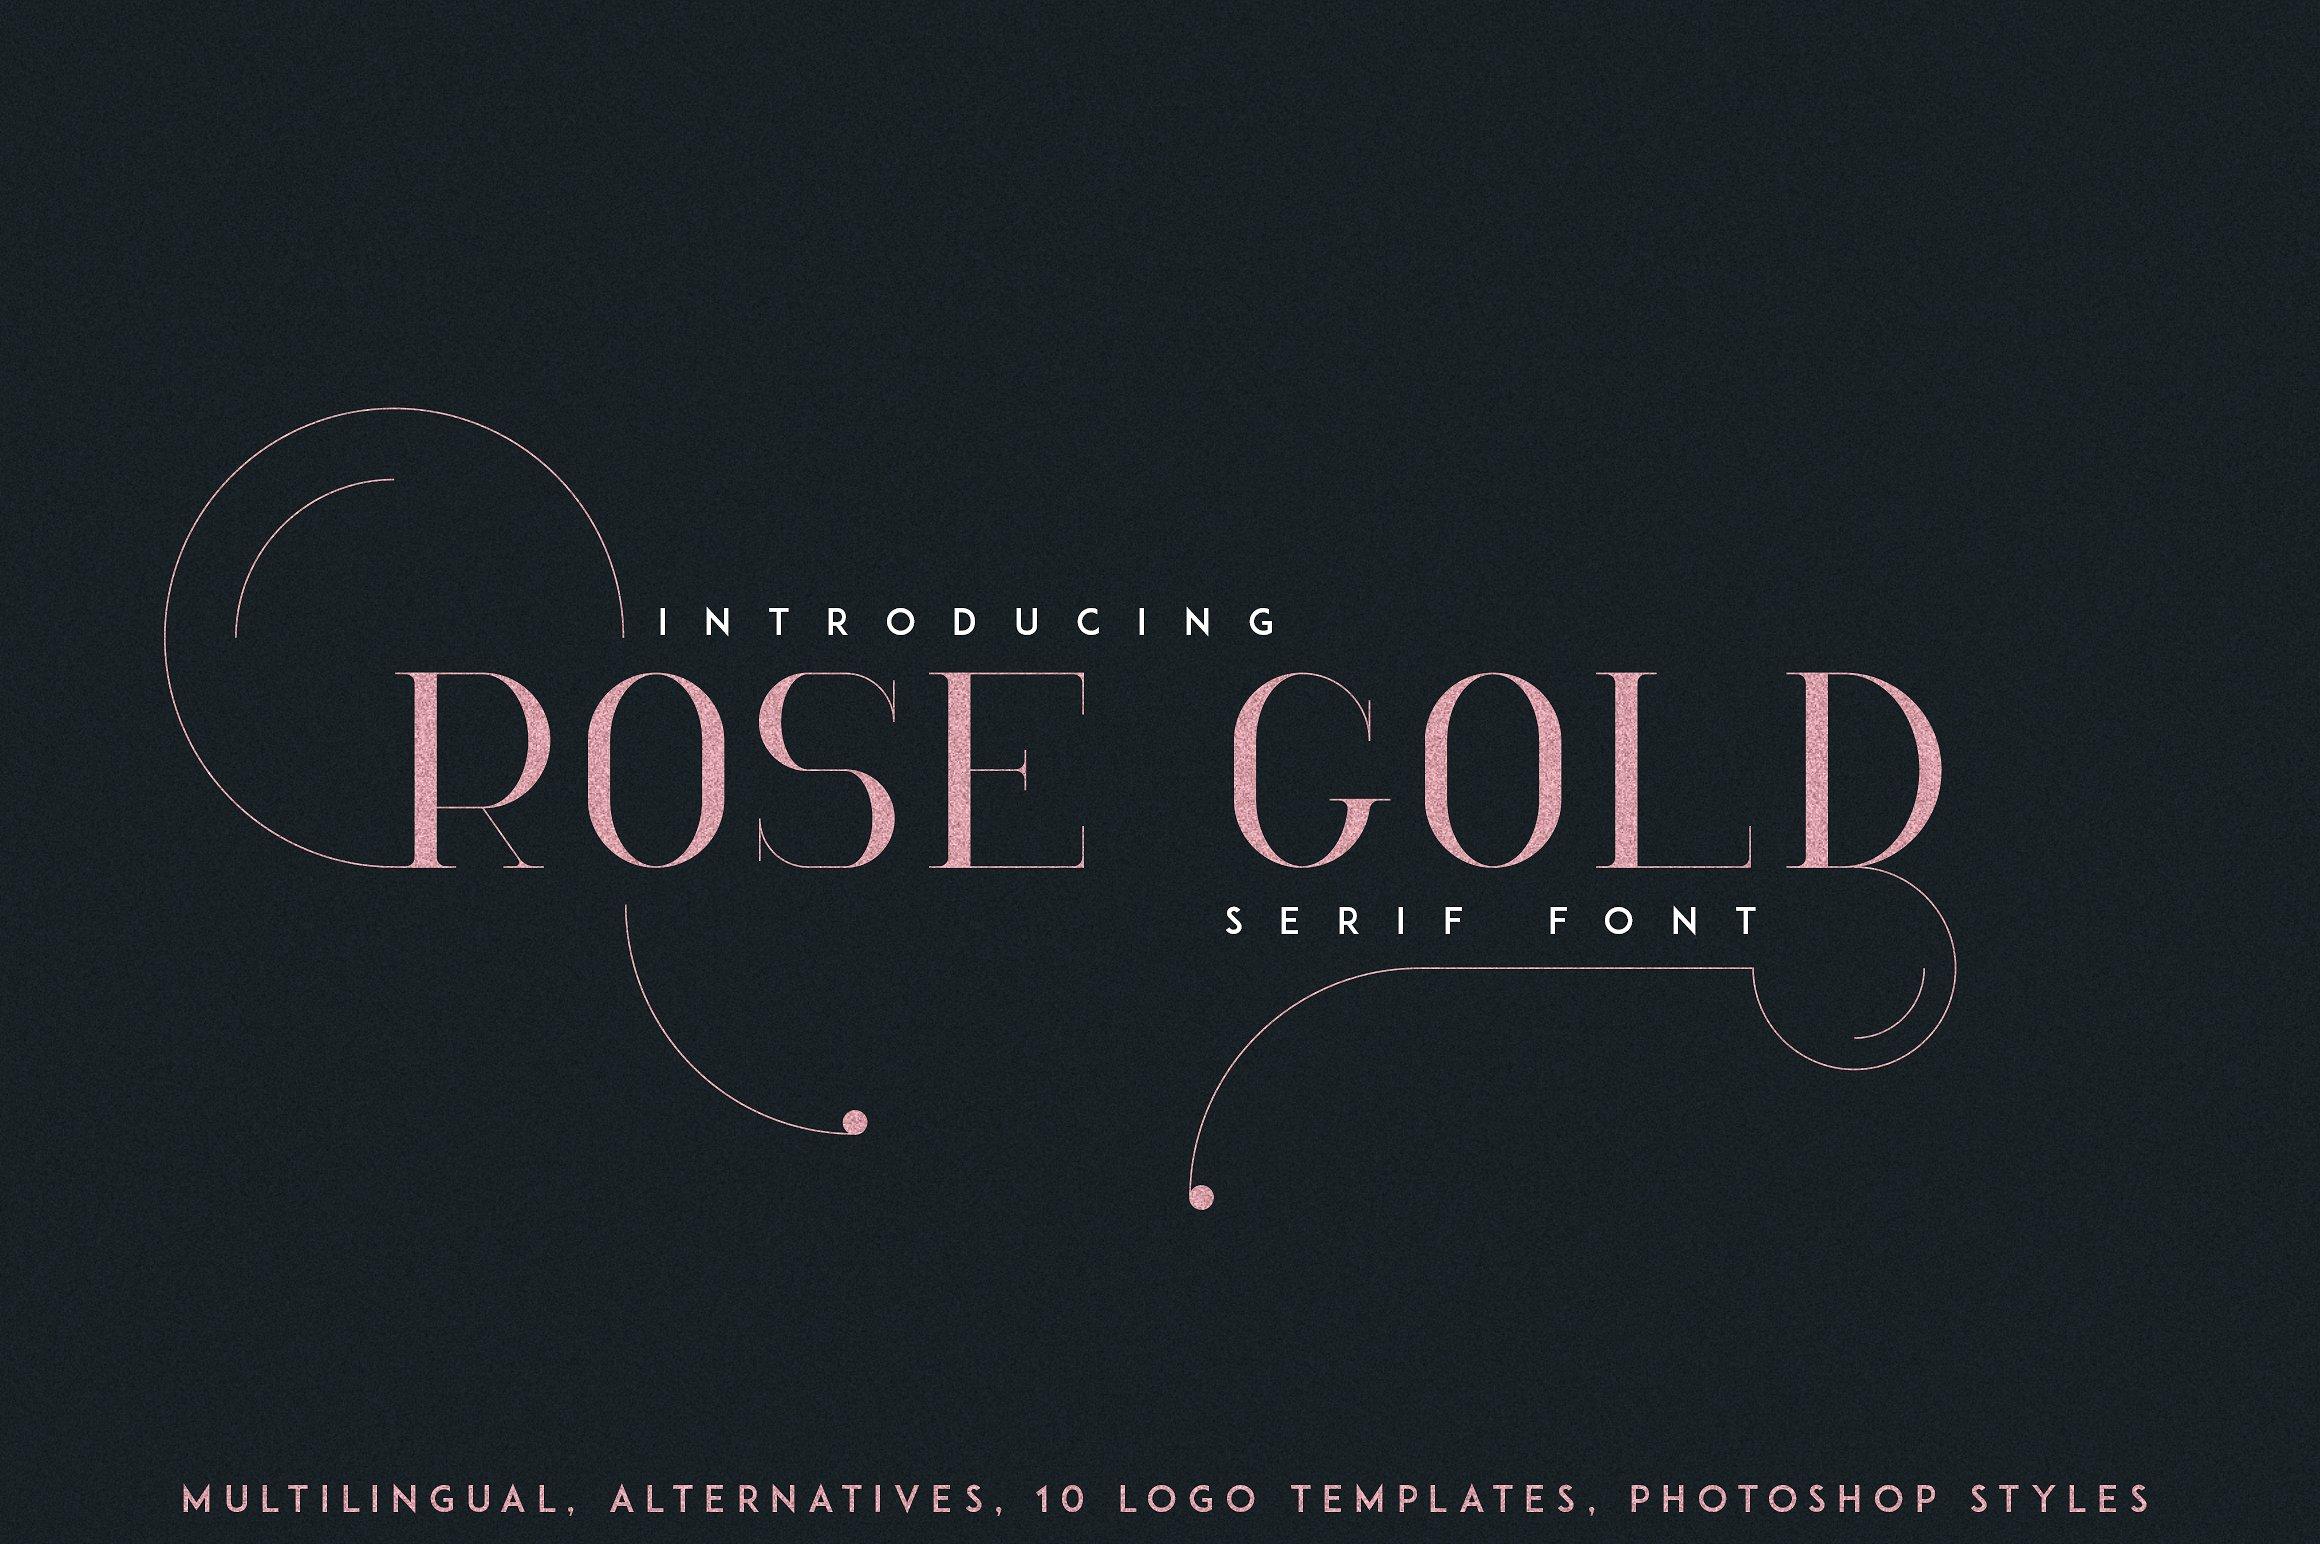 rosegold-serif-font